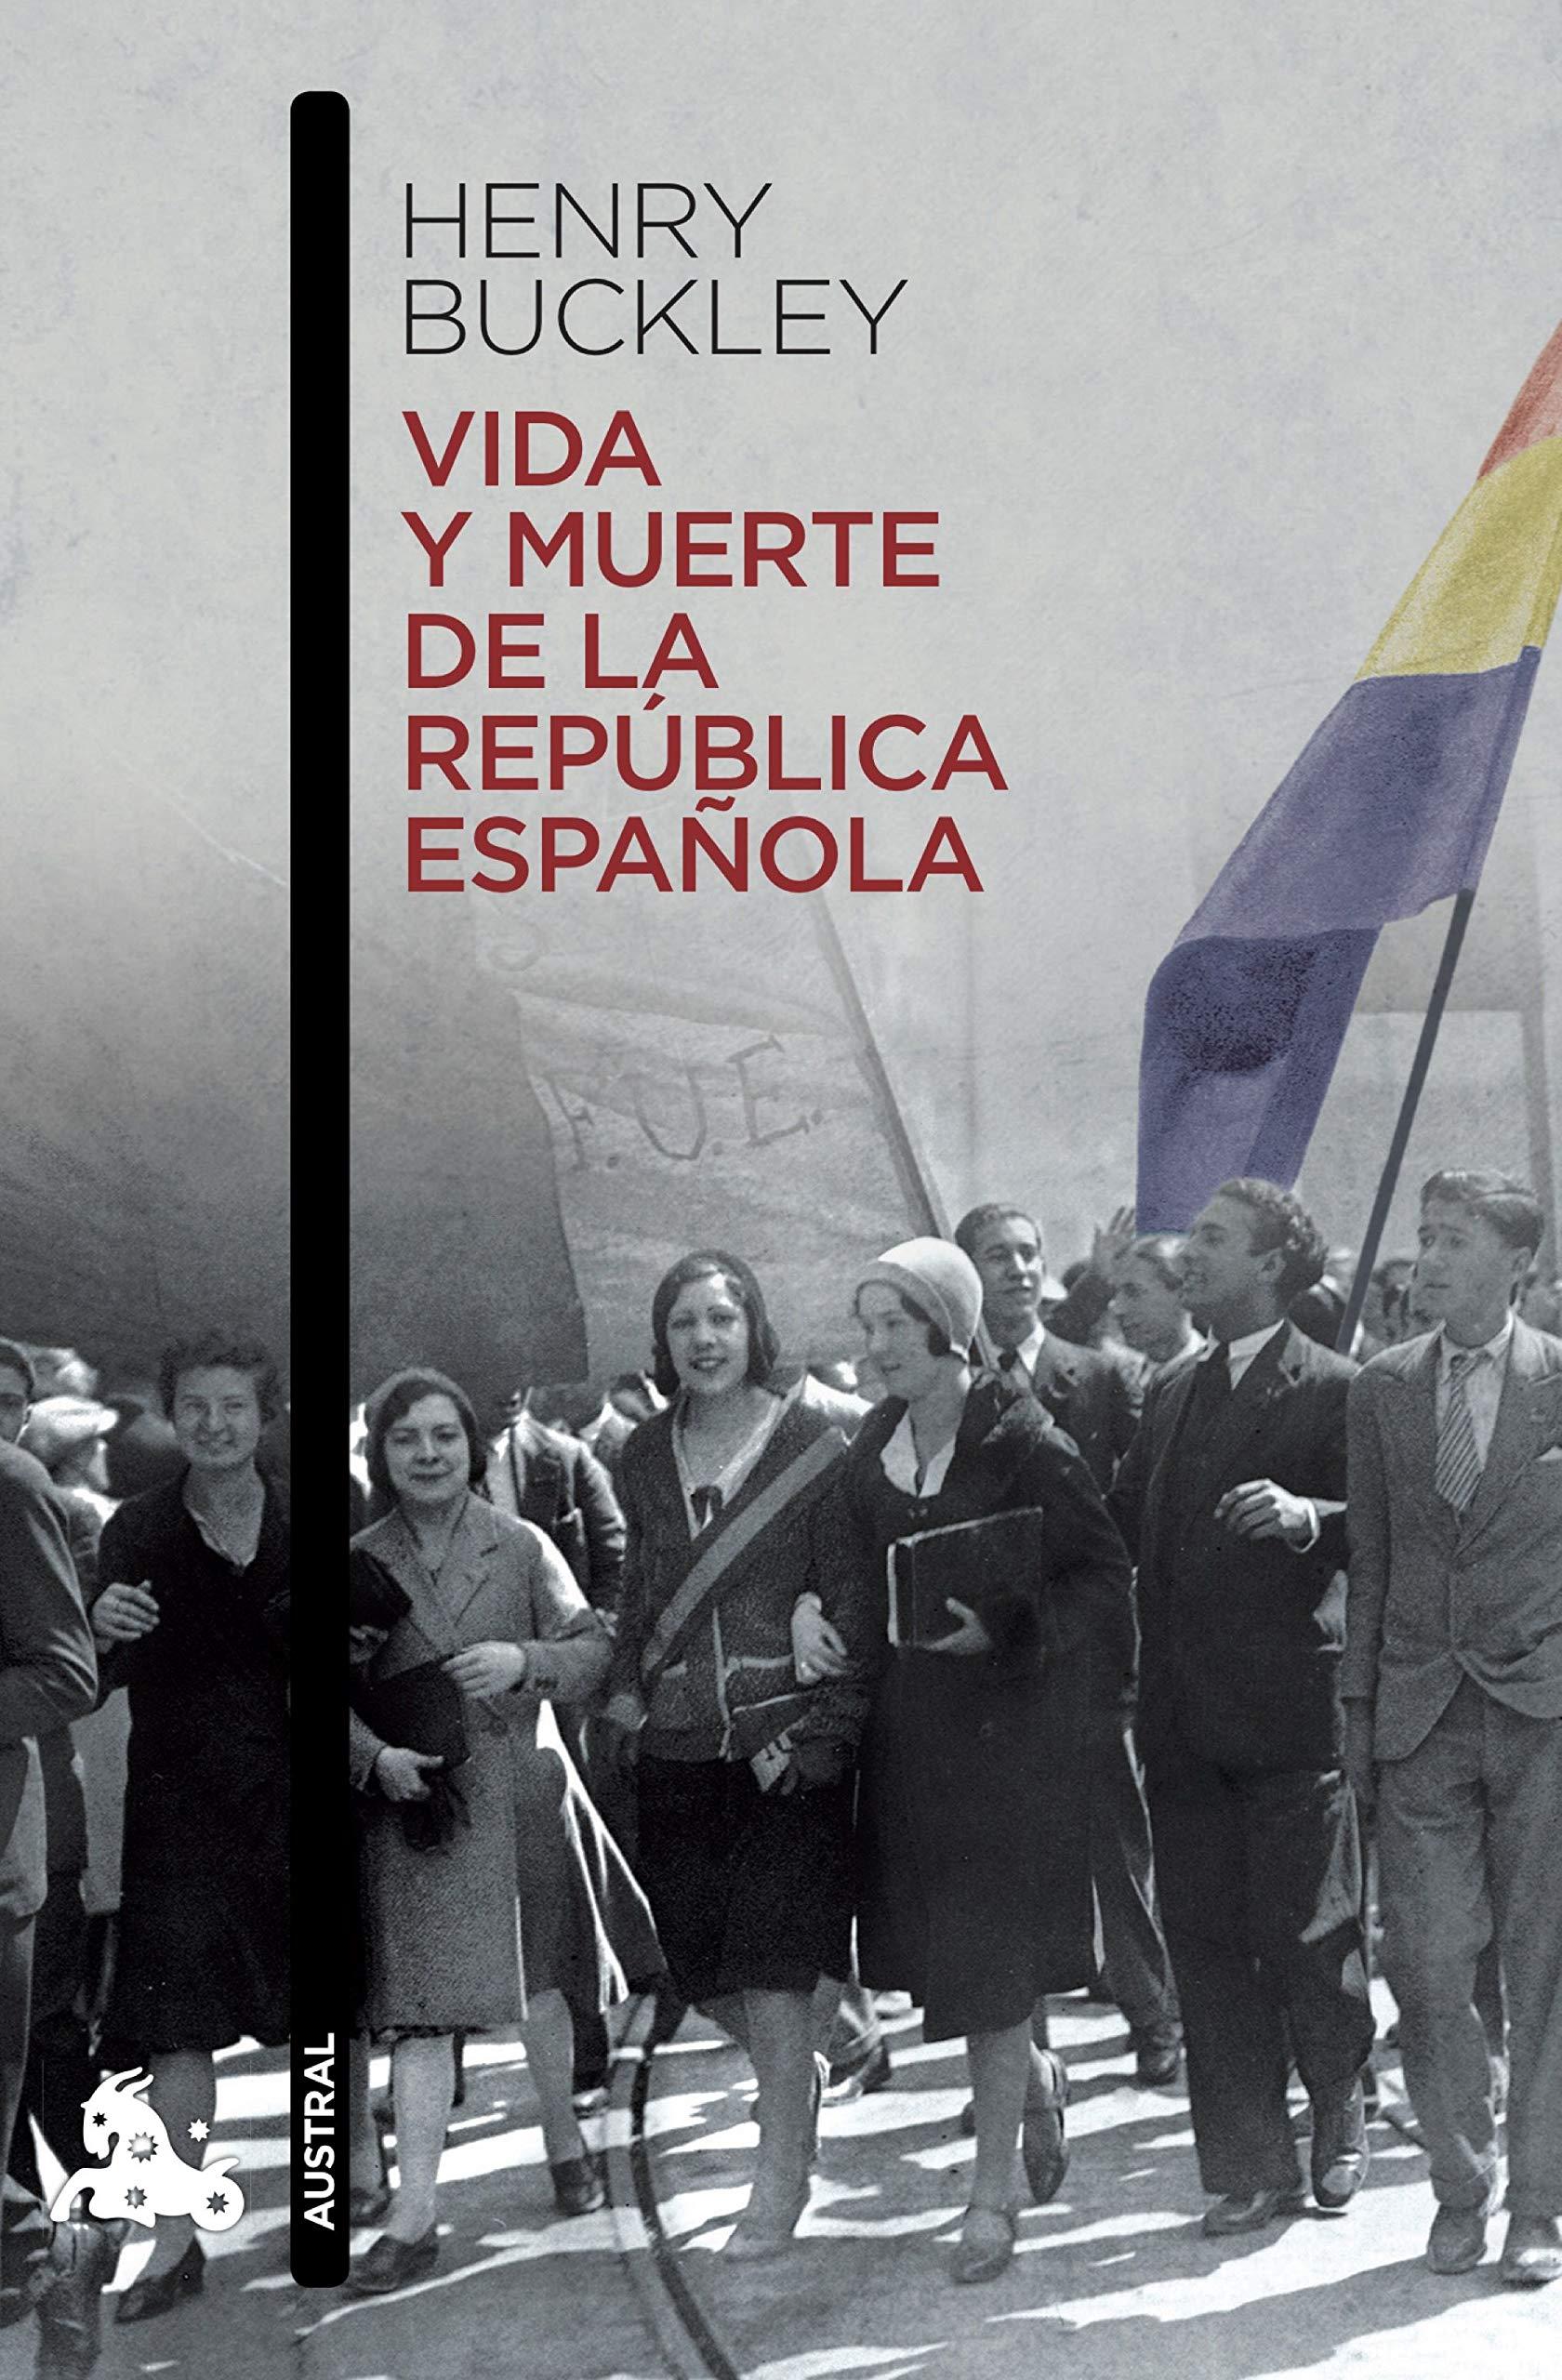 Vida y muerte de la República española Contemporánea: Amazon.es: Buckley, Henry, Buckley, Ramón: Libros